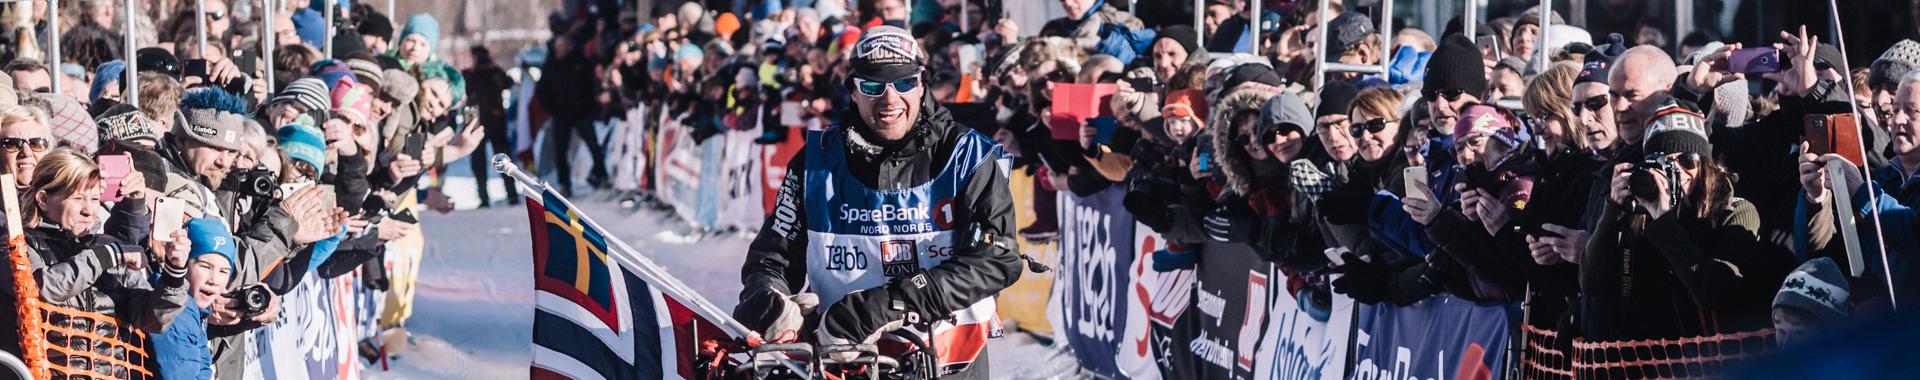 Petterkarlsson - Husky dog sledding tours